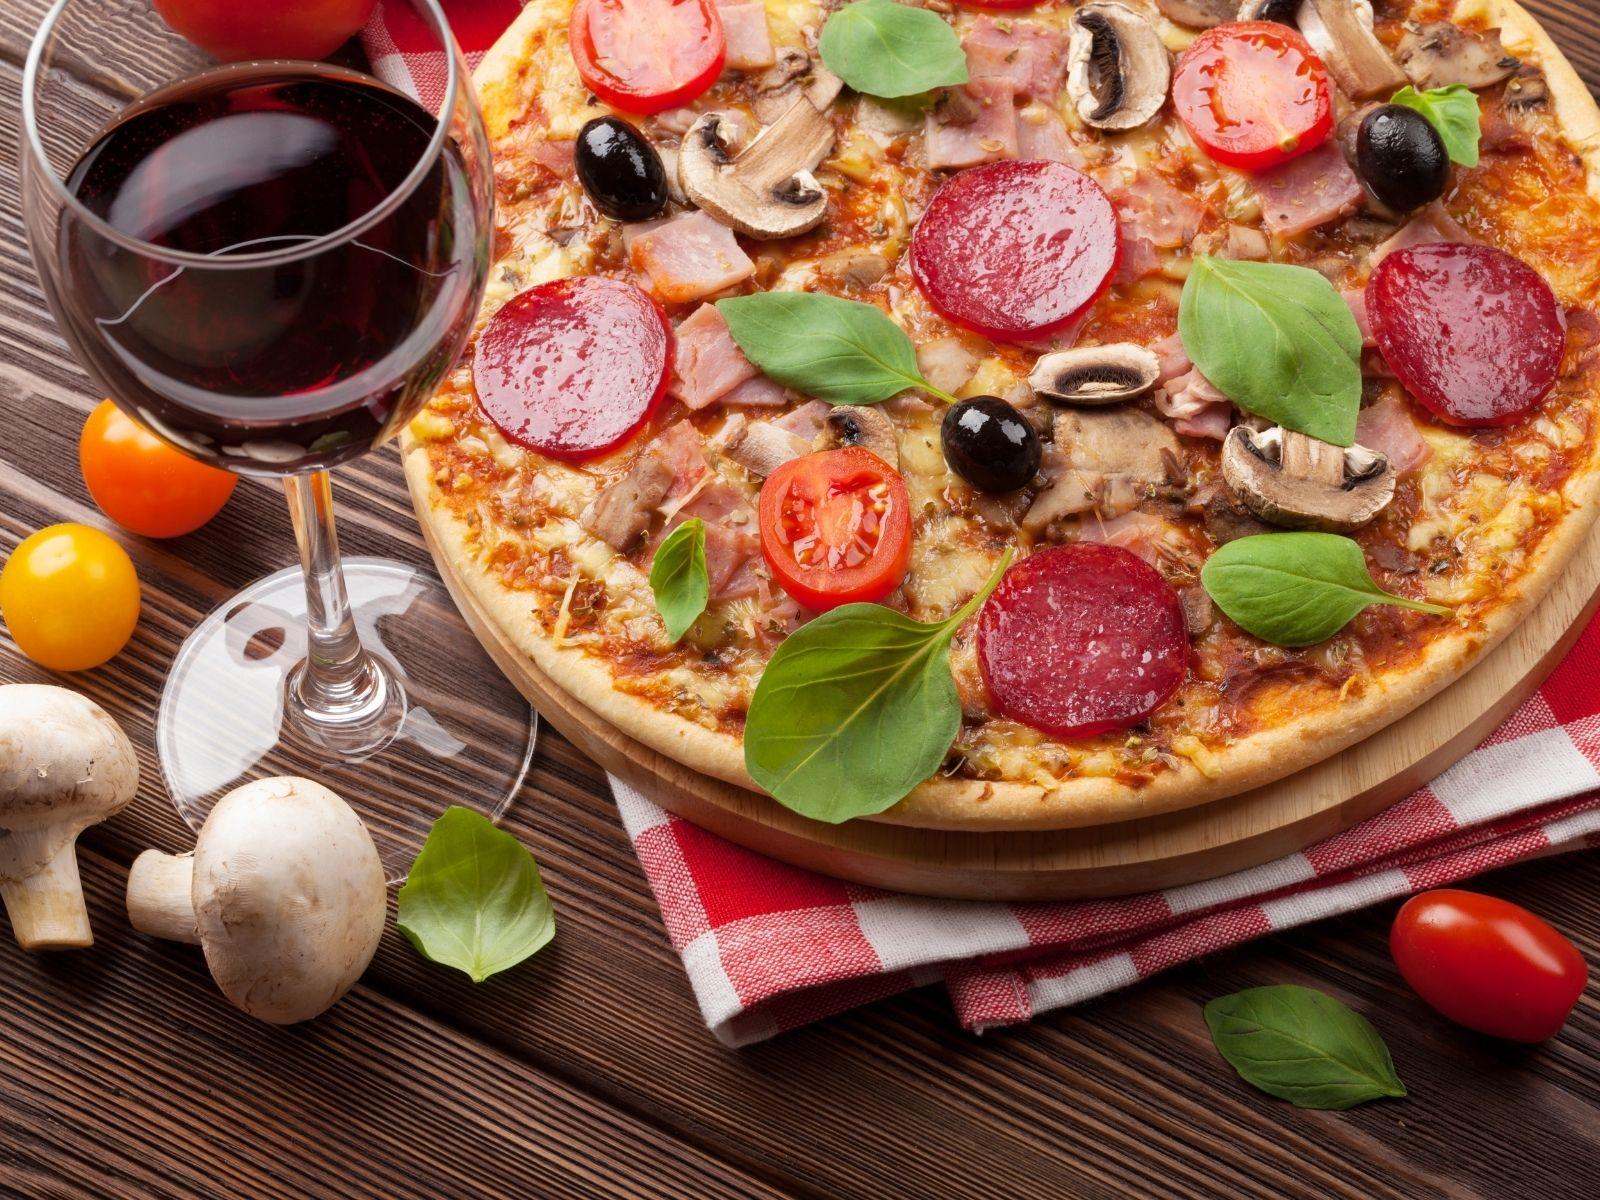 Accords vins et pizza - pizzeria à Chauray 79